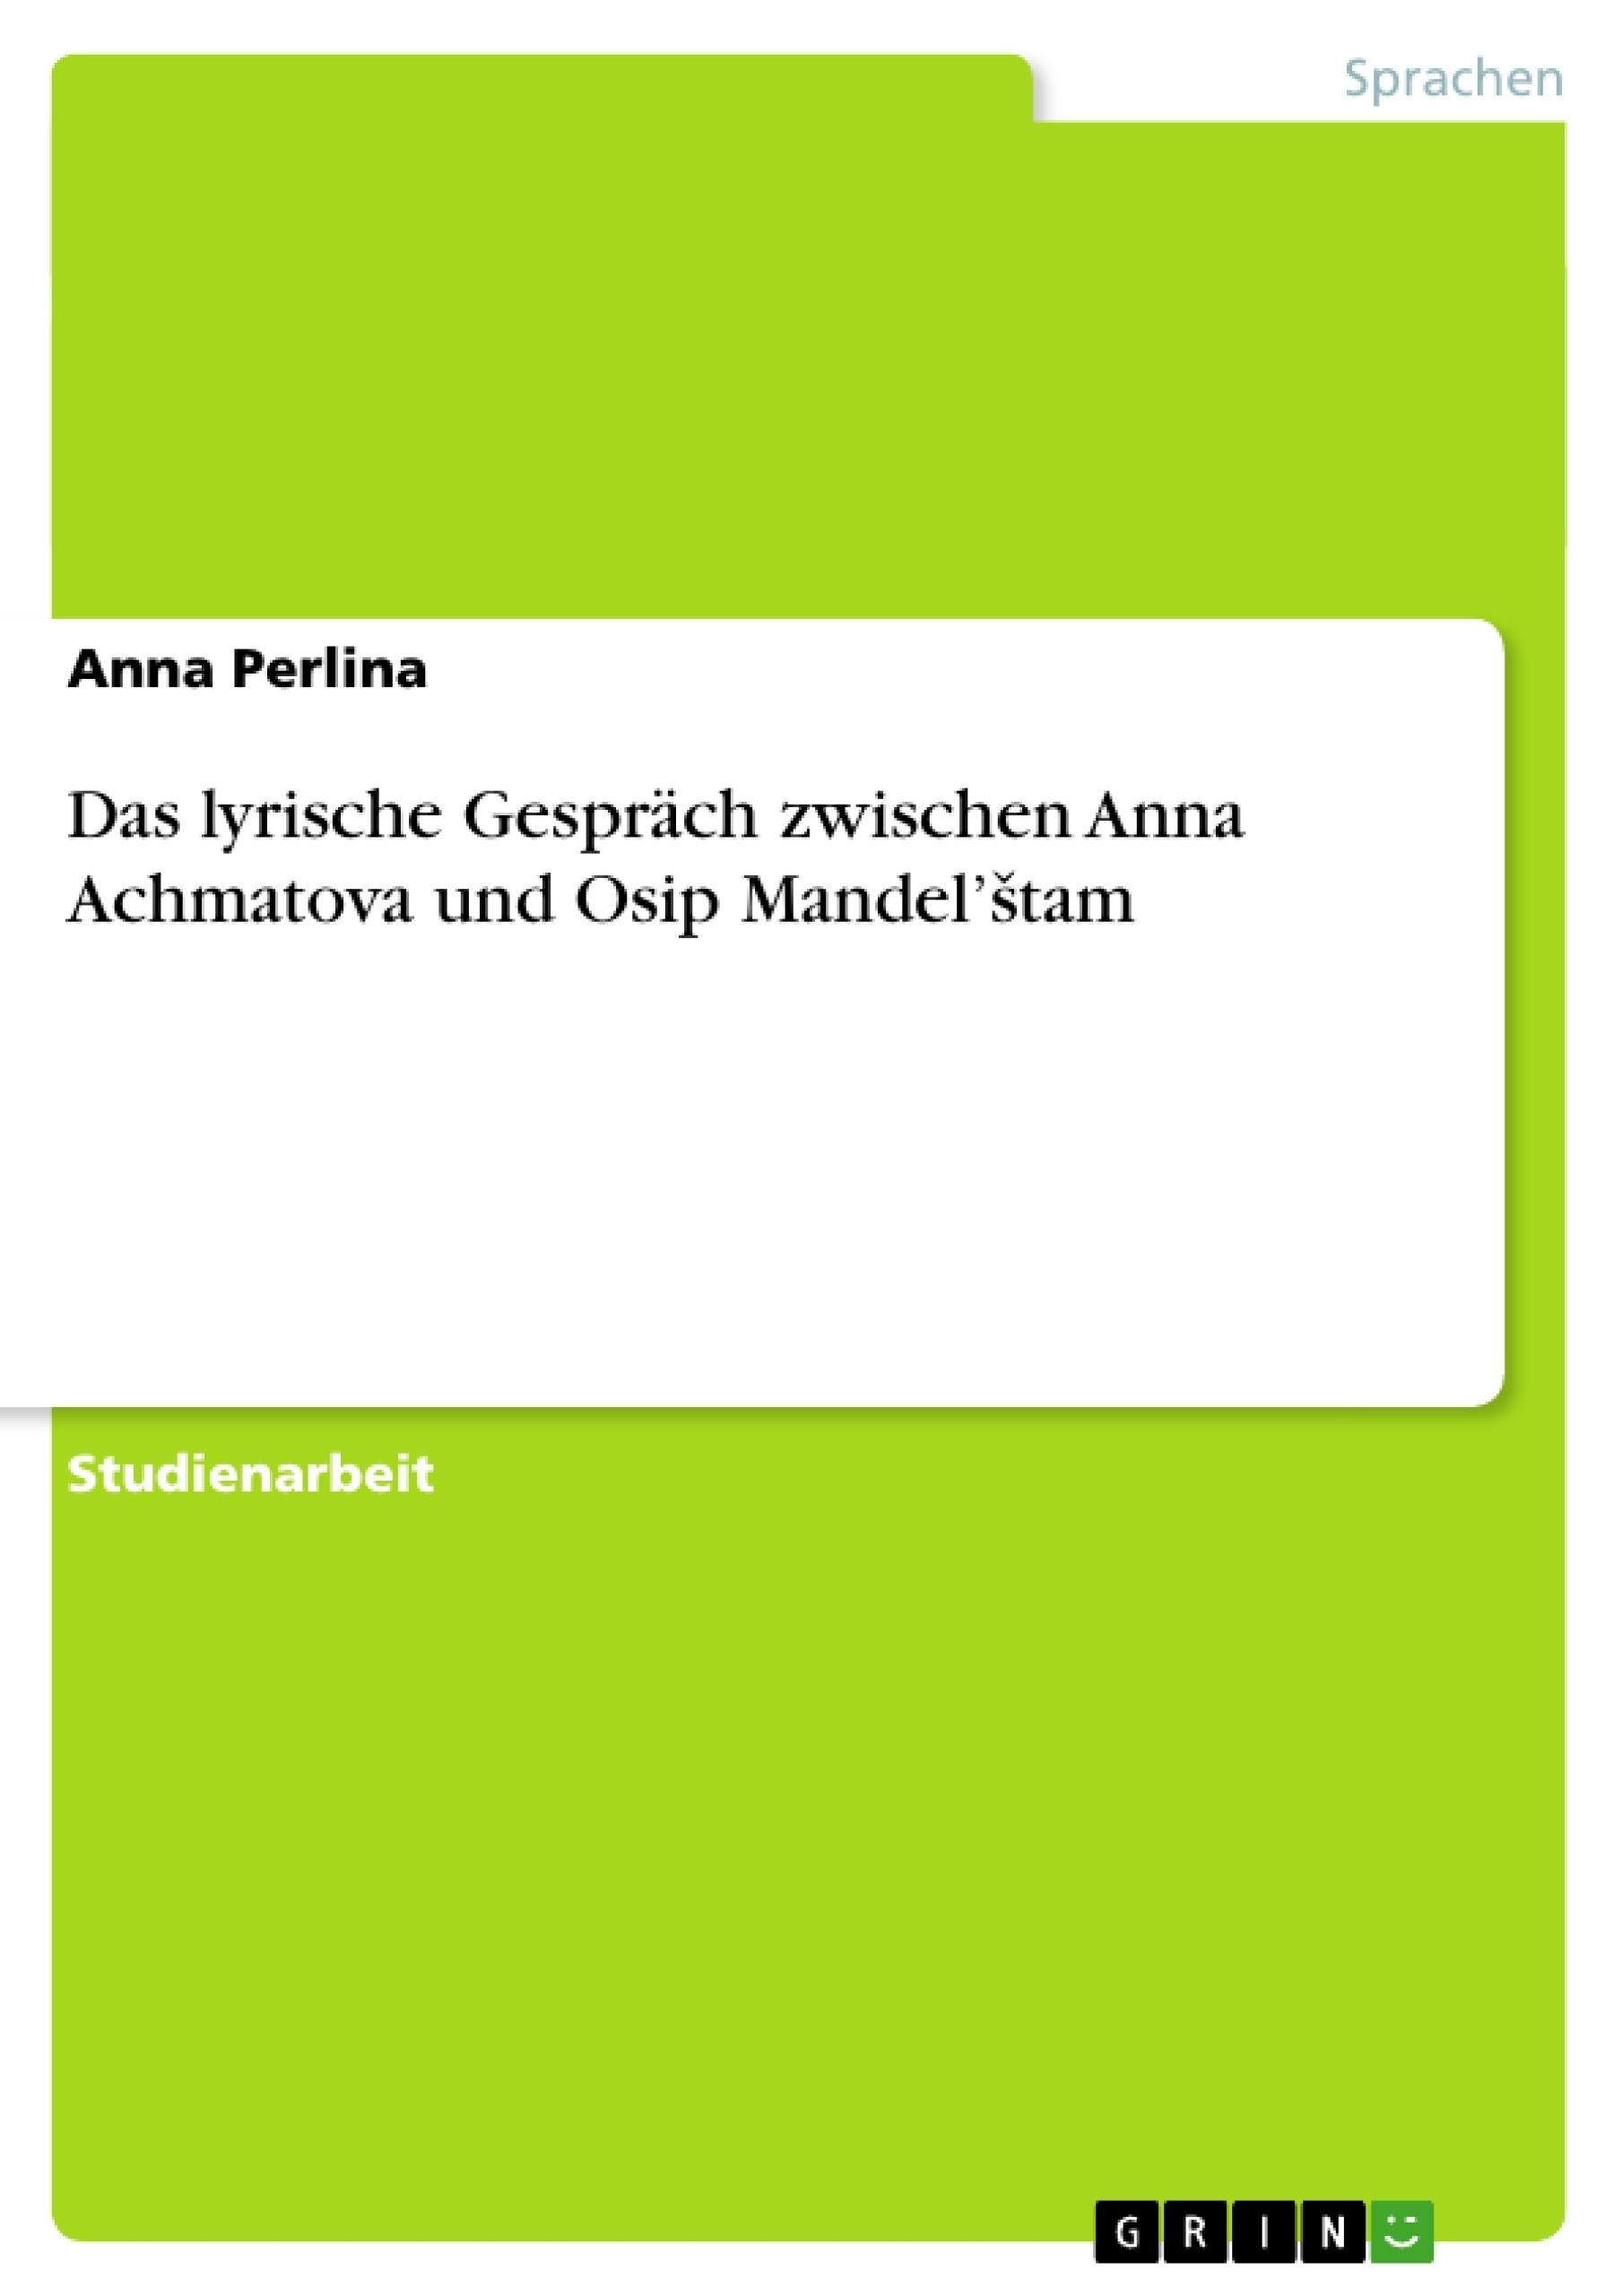 Titel: Das lyrische Gespräch zwischen Anna Achmatova und Osip Mandel'štam